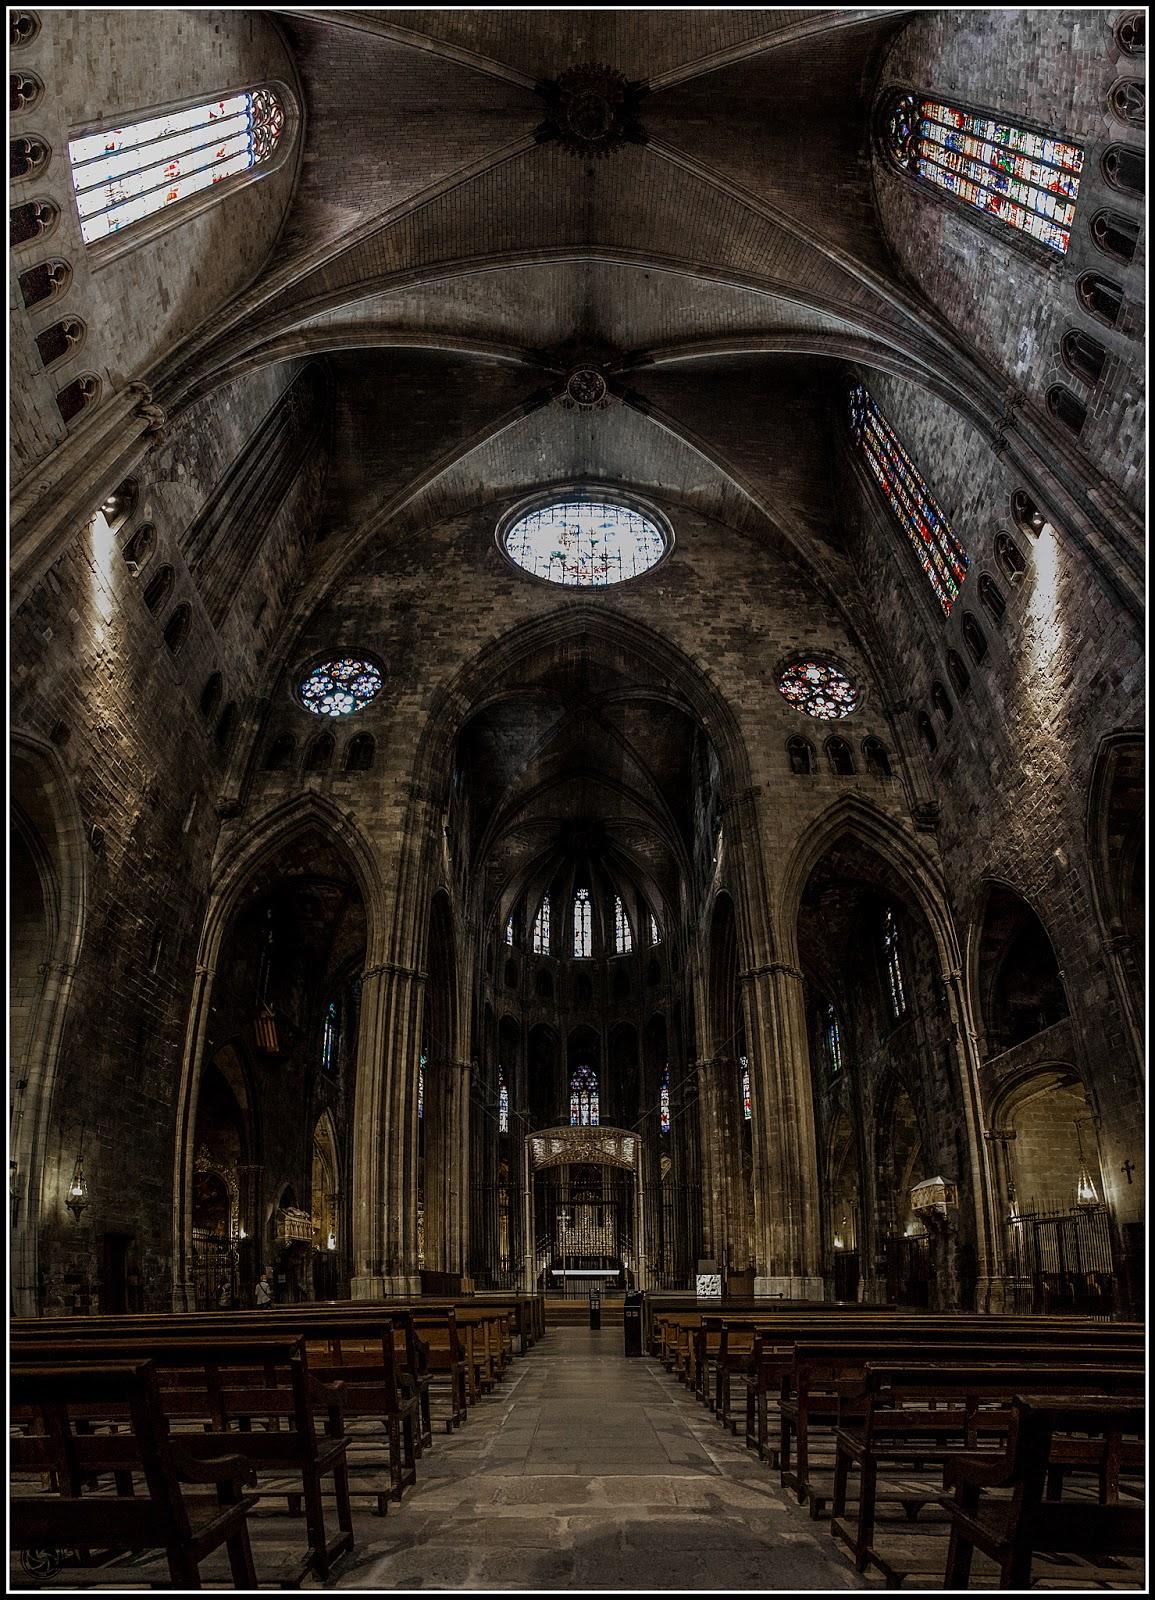 Nave gótica de Sta. Maria de Girona :: Panorama 6 x Canon  EOS 5D MkIII | ISO 25600 | Canon 24-105@24mm | f/4.0 | 1/25s (Handheld)